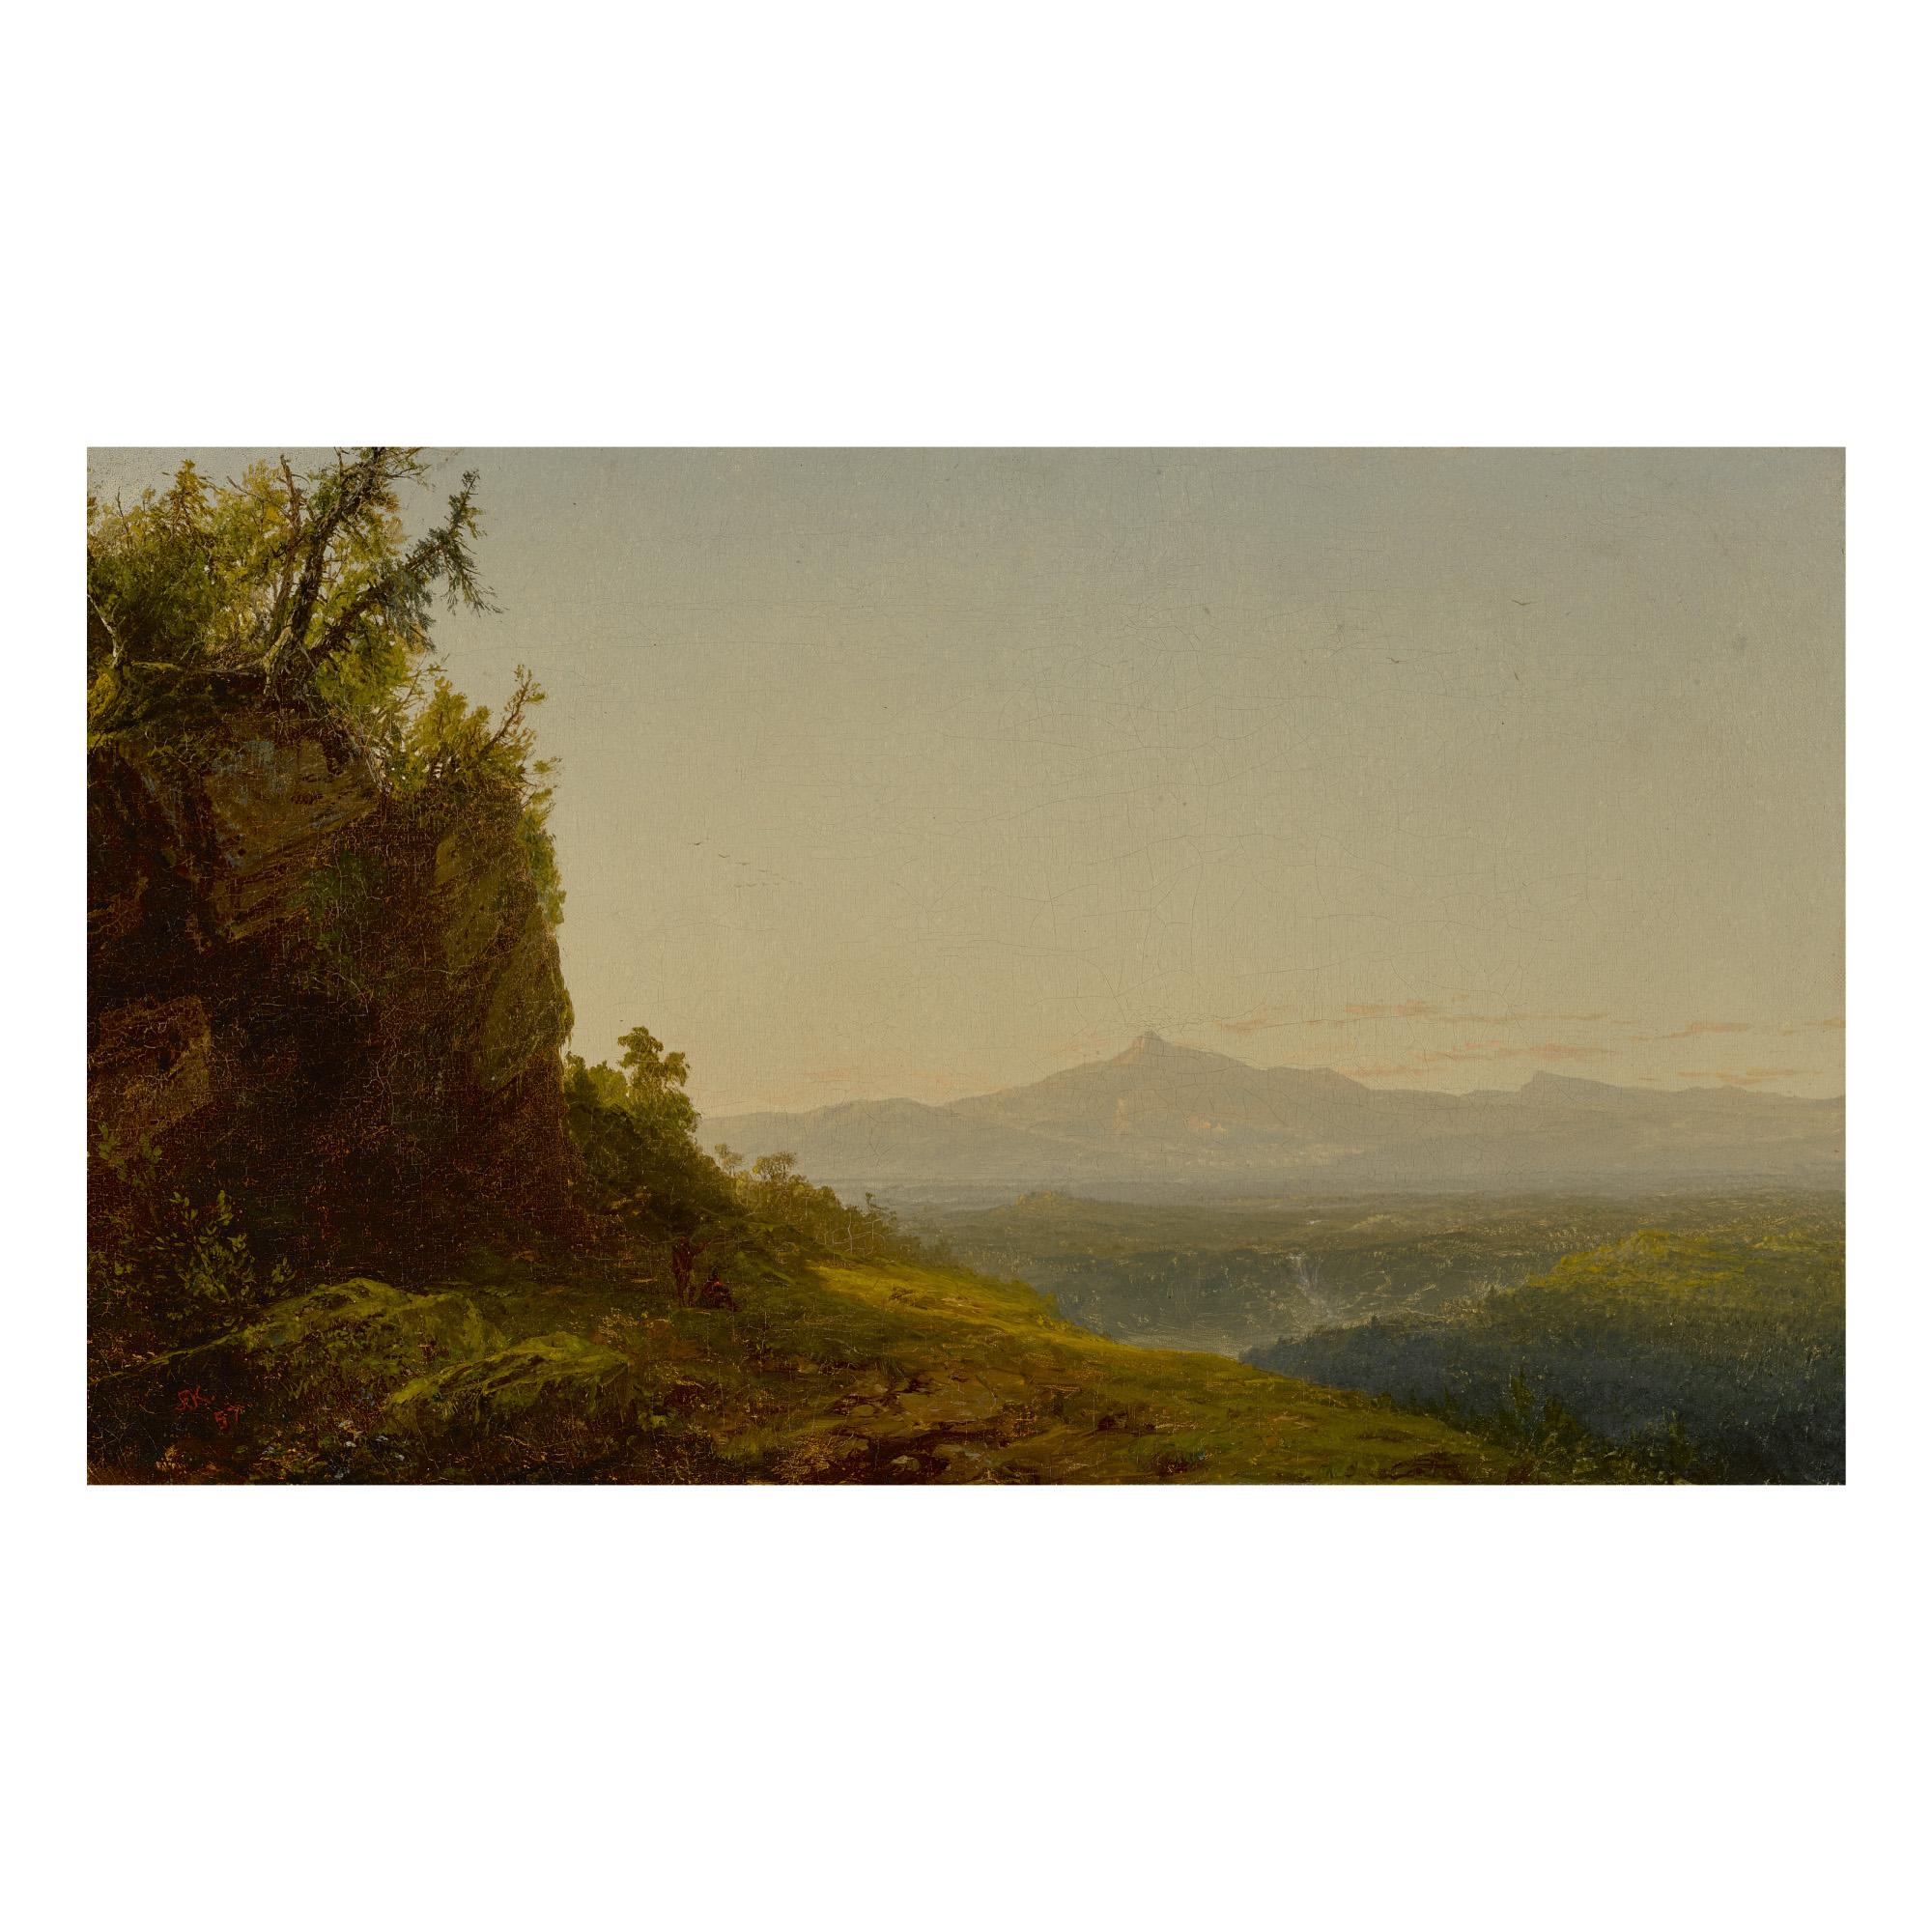 JOHN FREDERICK KENSETT | MOUNT CHOCORUA